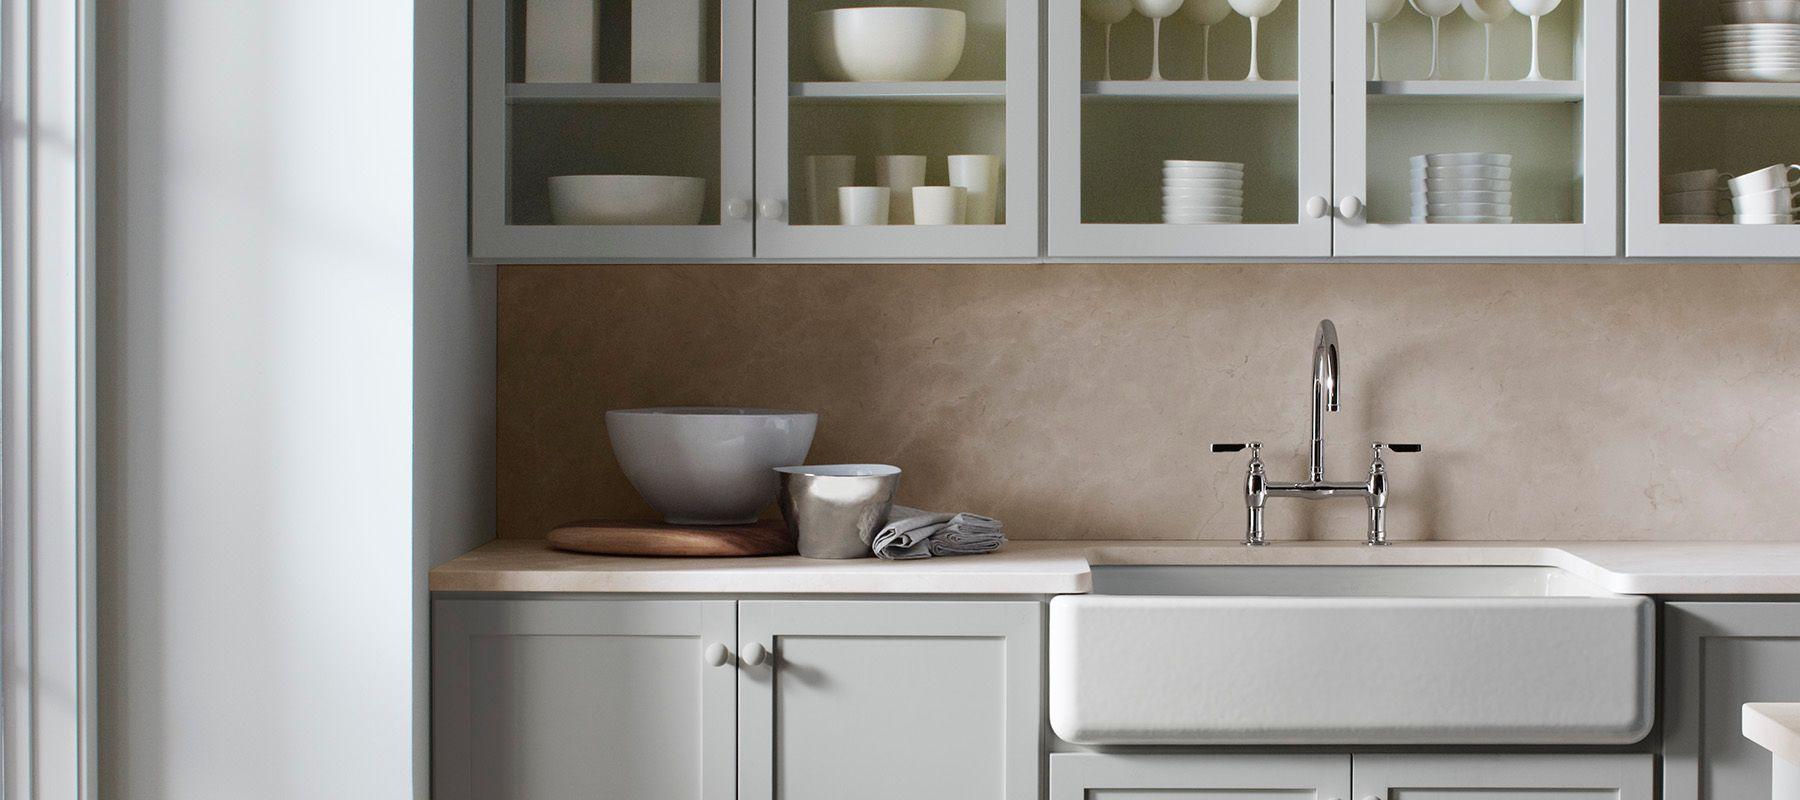 bar sinks kitchen kohler